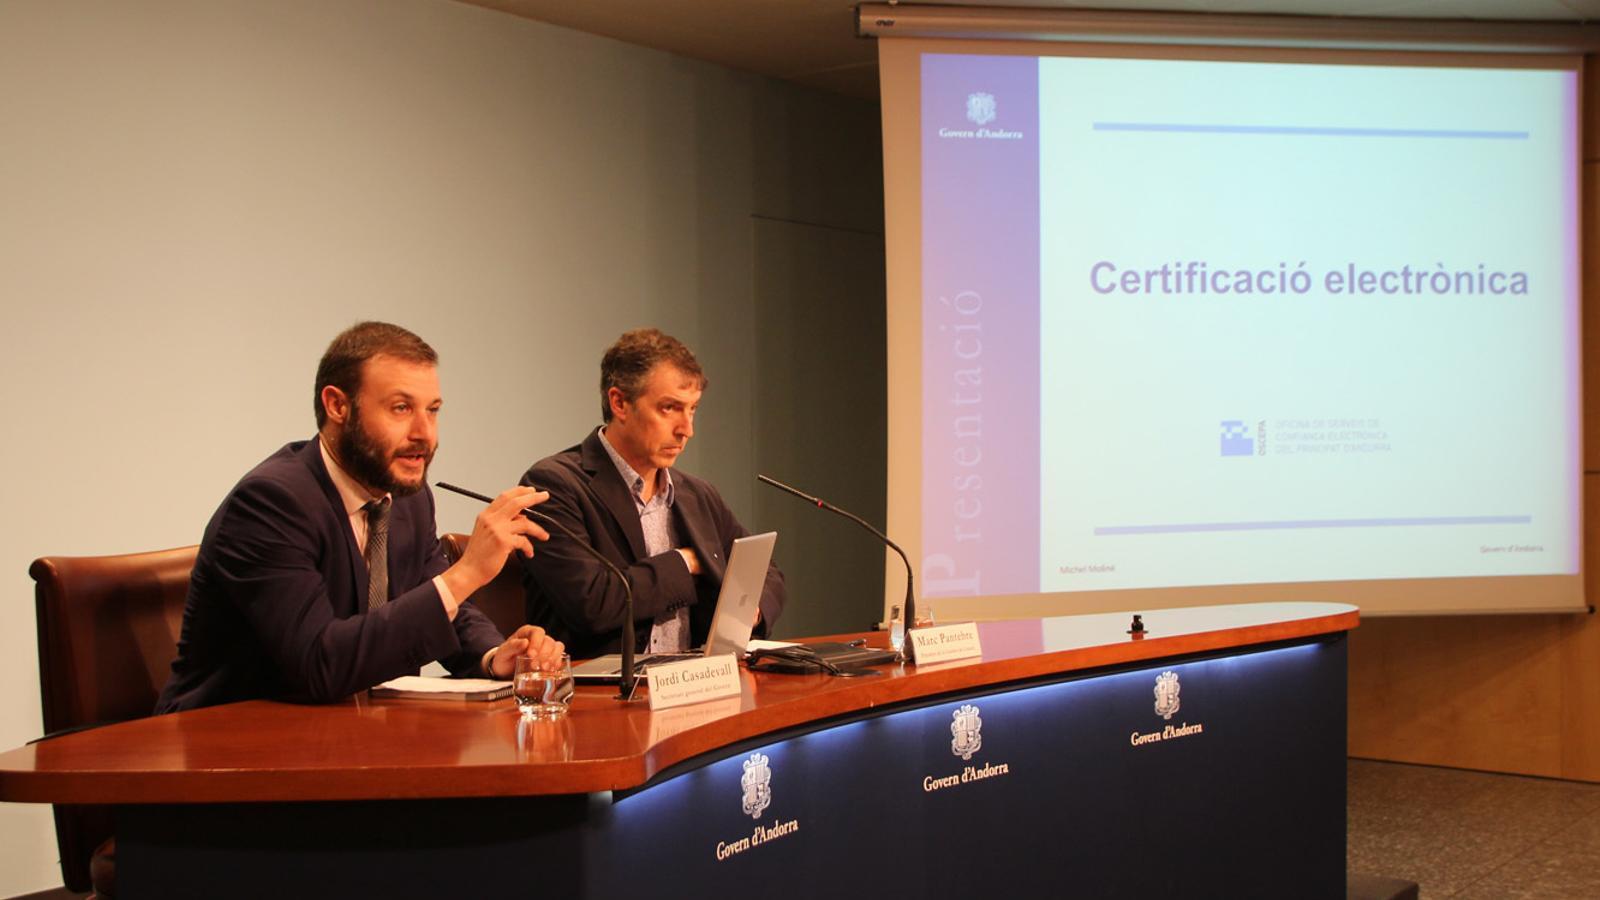 El secertari general del Govern, Jordi Casadevall, i el president de la Cambra, Marc Pantebre, durant la presentació